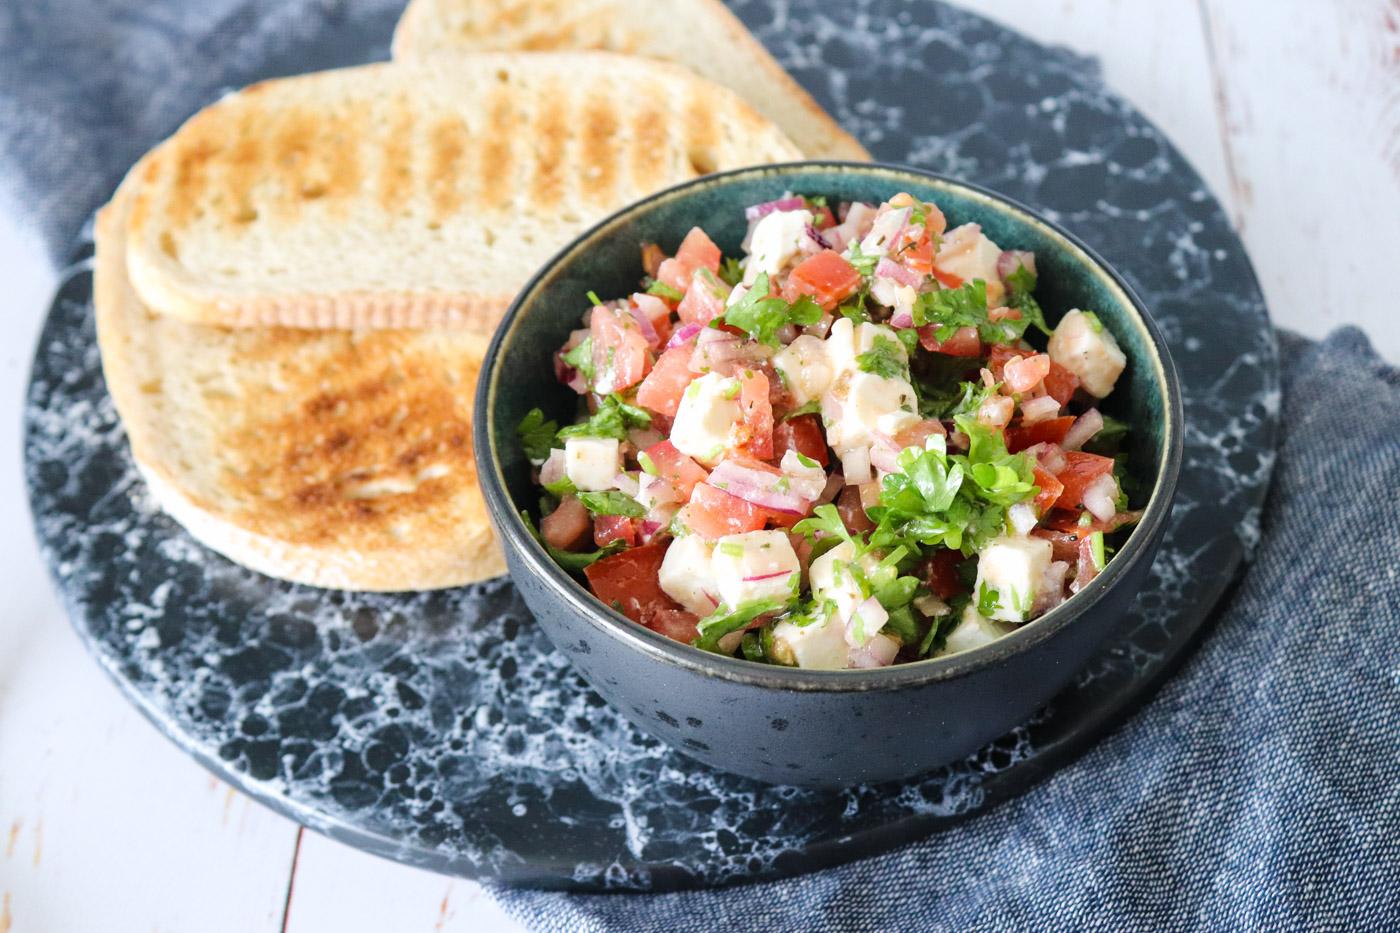 Tomatsalat Med Feta – Super Tilbehør Til Grillmaden Eller Ovenpå Brød